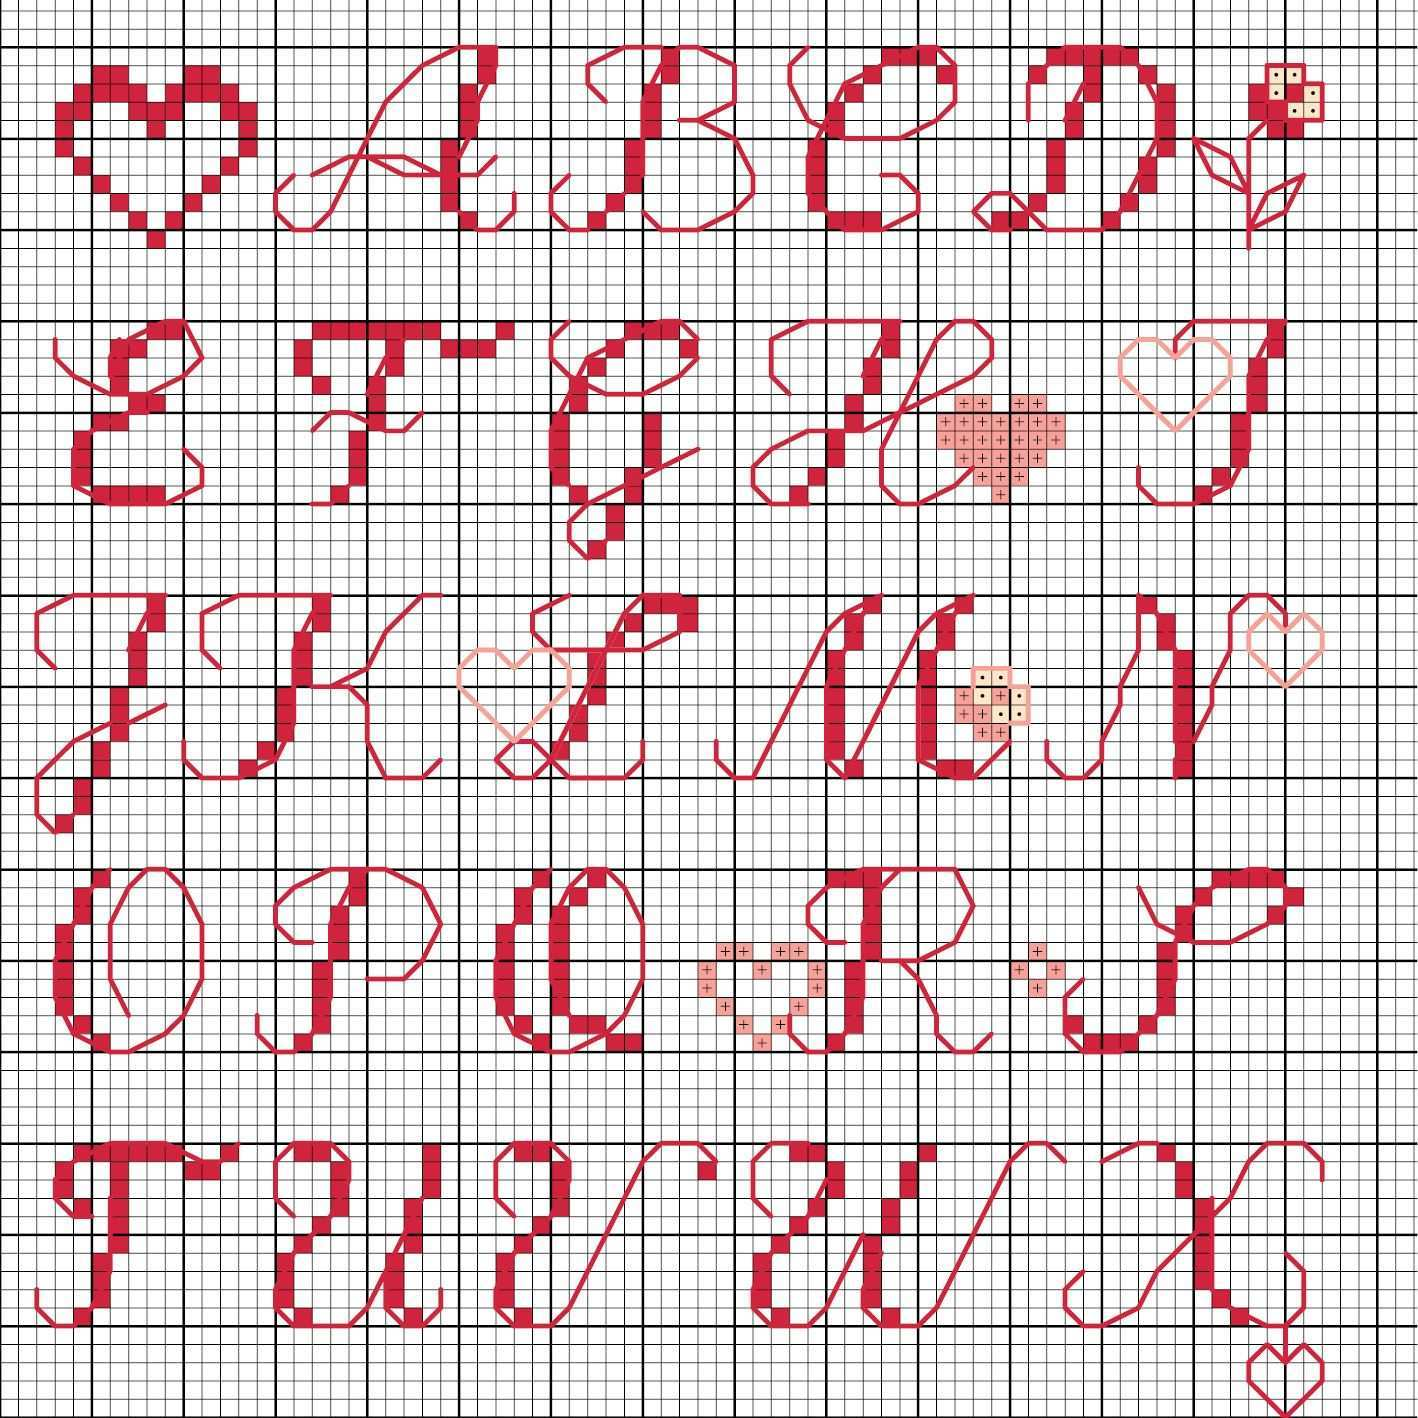 Romantisches Alphabet Mit Herzen Sticken Zweigart Sawitzki Gmbh Co Kg Alphabet Sticken Alphabet Sticken